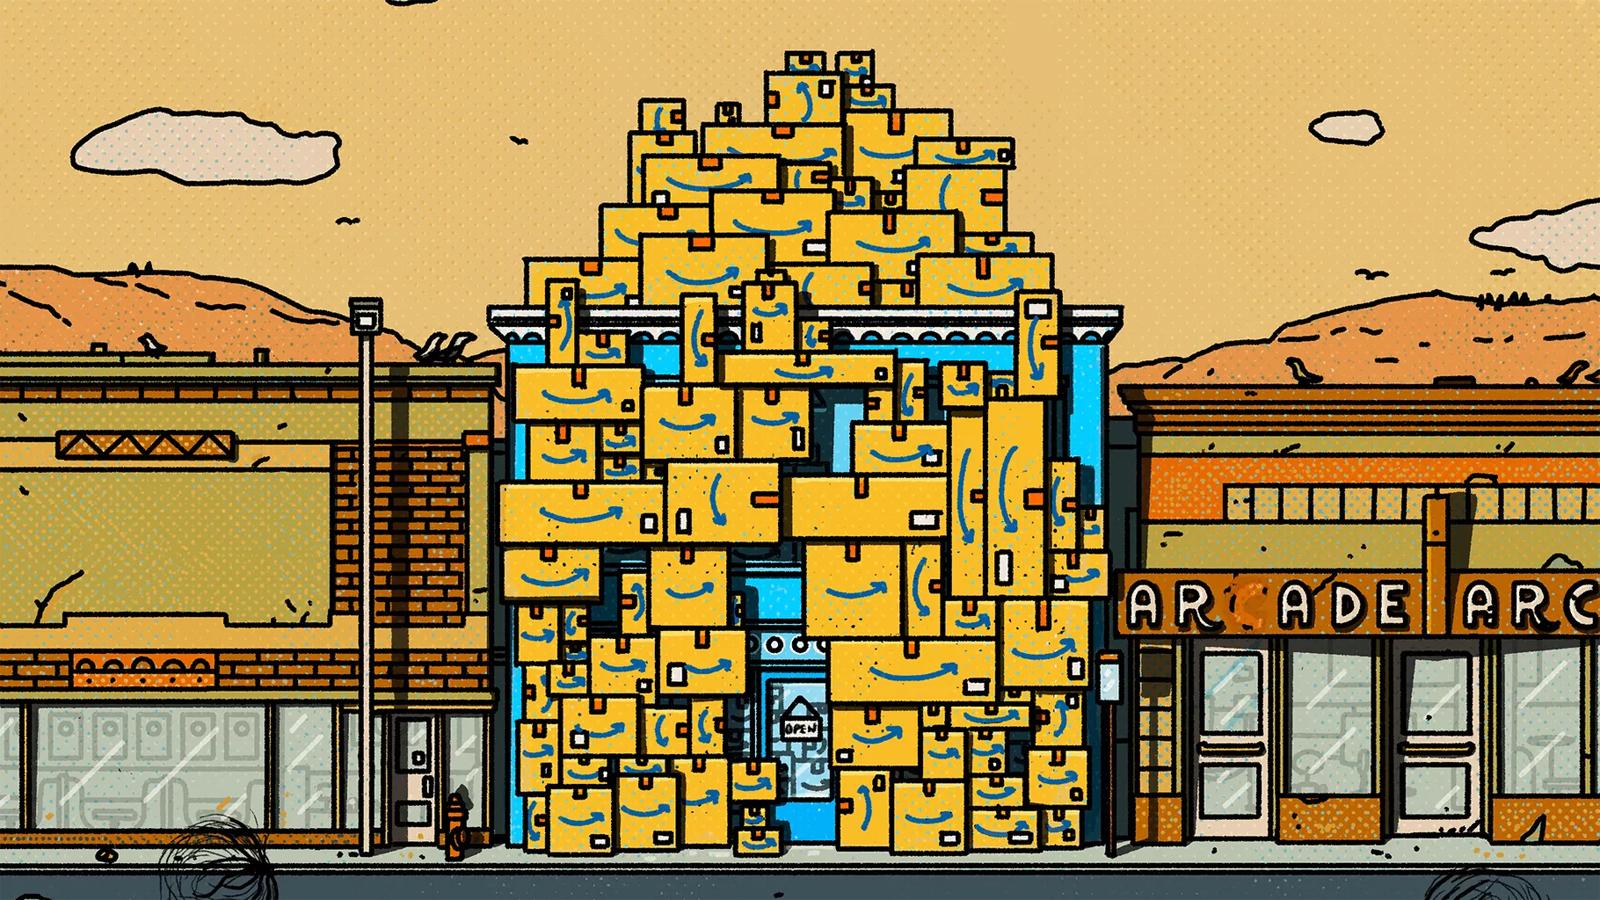 [Перевод] Как маленький городок в глубинке превратился в центр международной электронной торговли